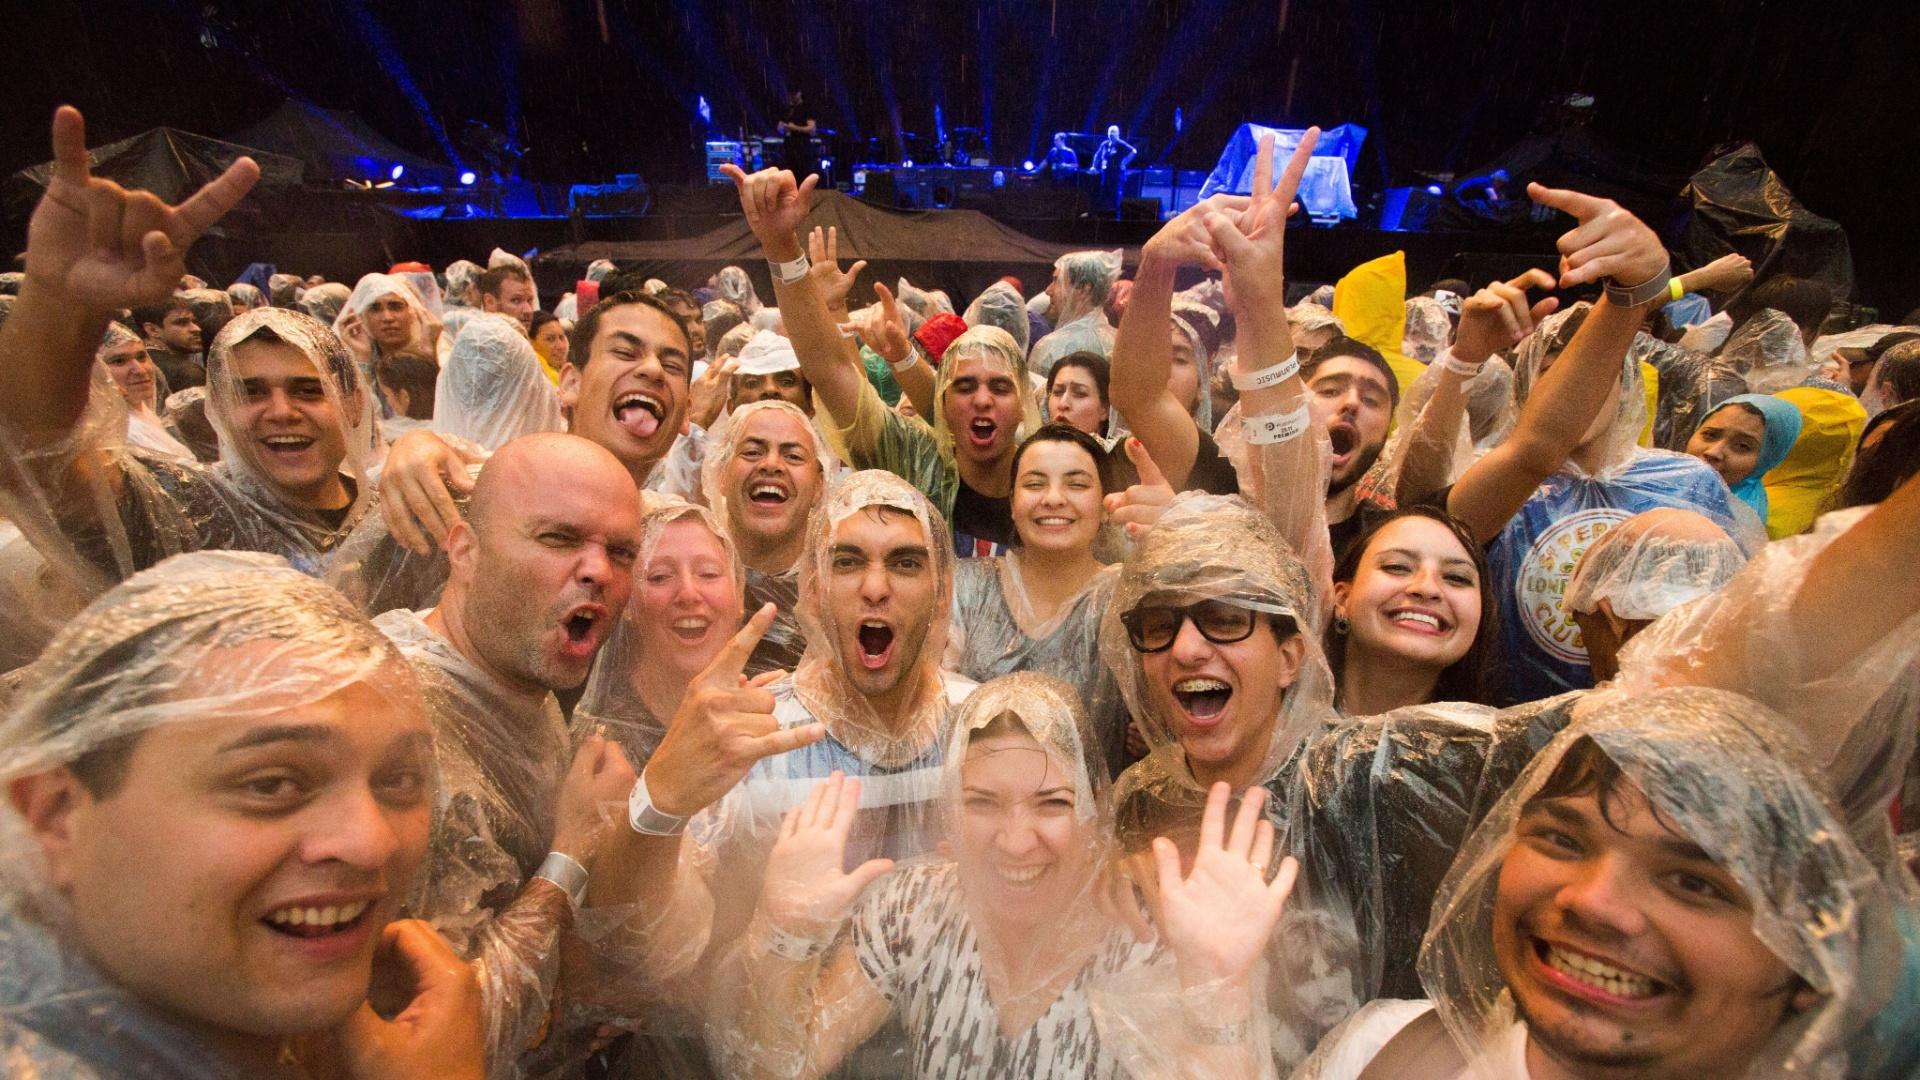 25.nov.2014 - Público aguarda, so b chuva, início do show do cantor Paul Mc Cartney no Allianz Parque, na zona oeste de São Paulo, onde ele apresentou a turnê